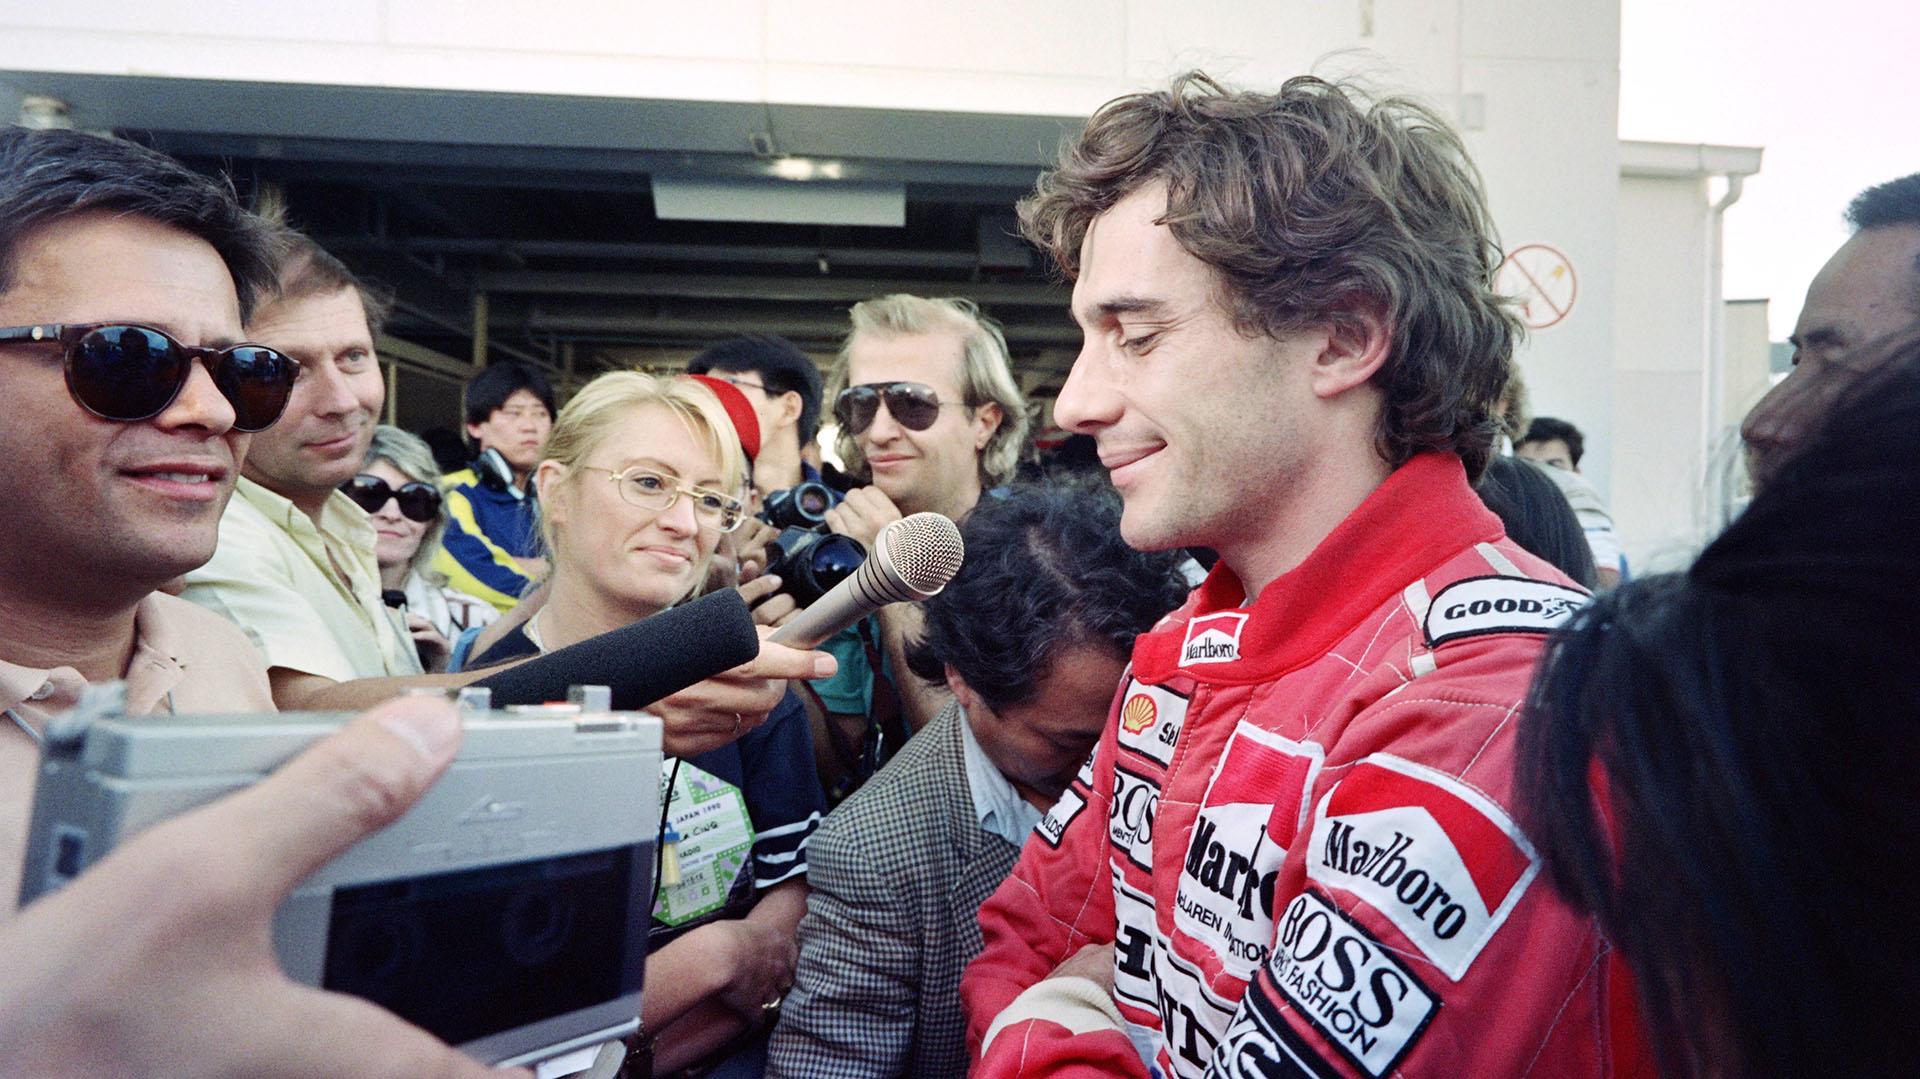 Ayrton Senna siempre fue uno de los pilotos más solicitados por la prensa internacional en las carreras de Fórmula 1